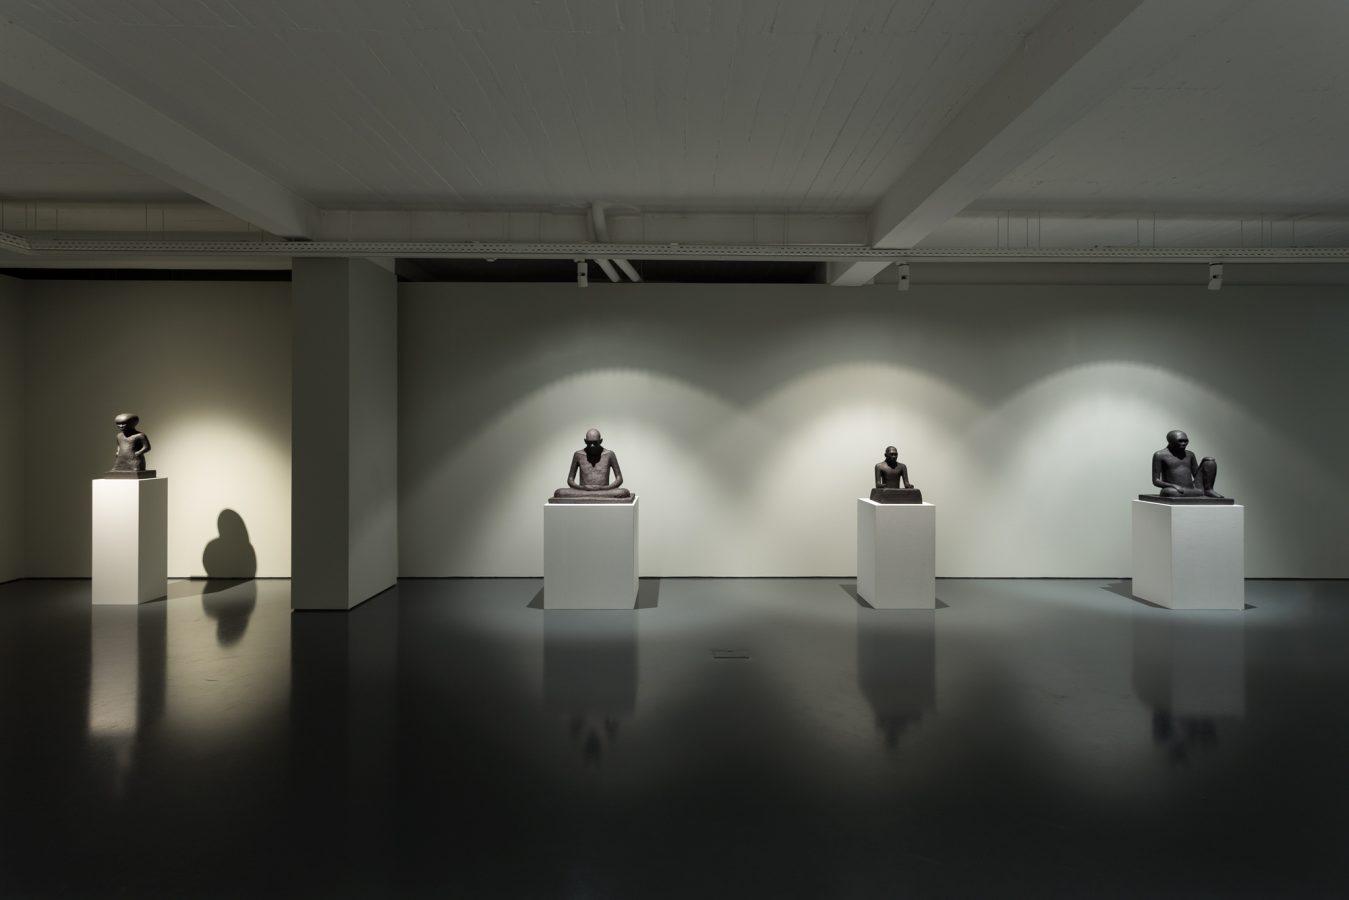 Galeria Pedro Cera – Miguel Branco - Luz